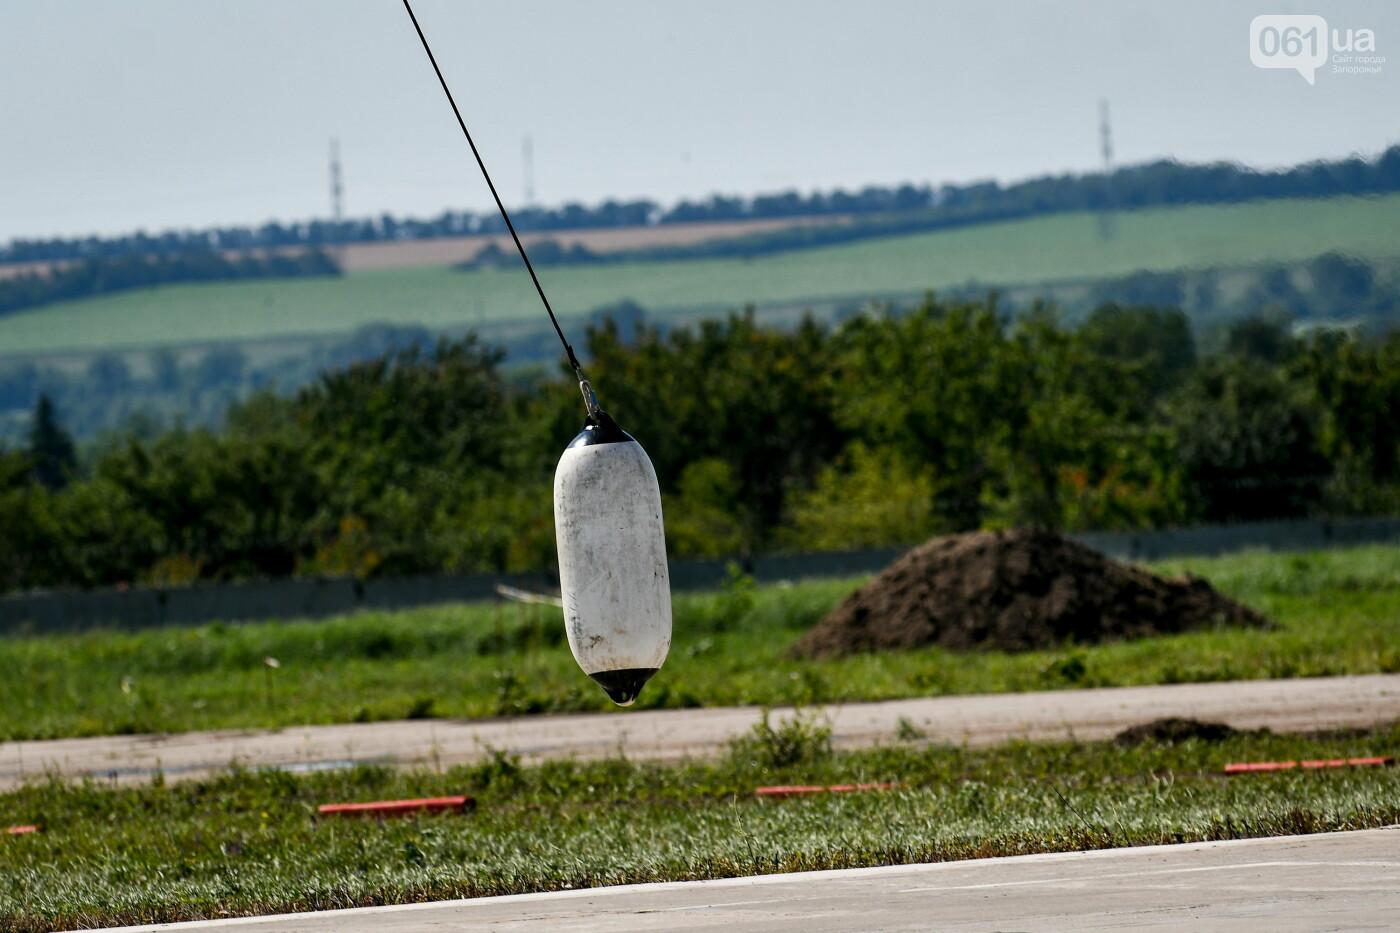 В Запорожье проходят соревнования по вертолетному спорту, - ФОТОРЕПОРТАЖ, фото-35